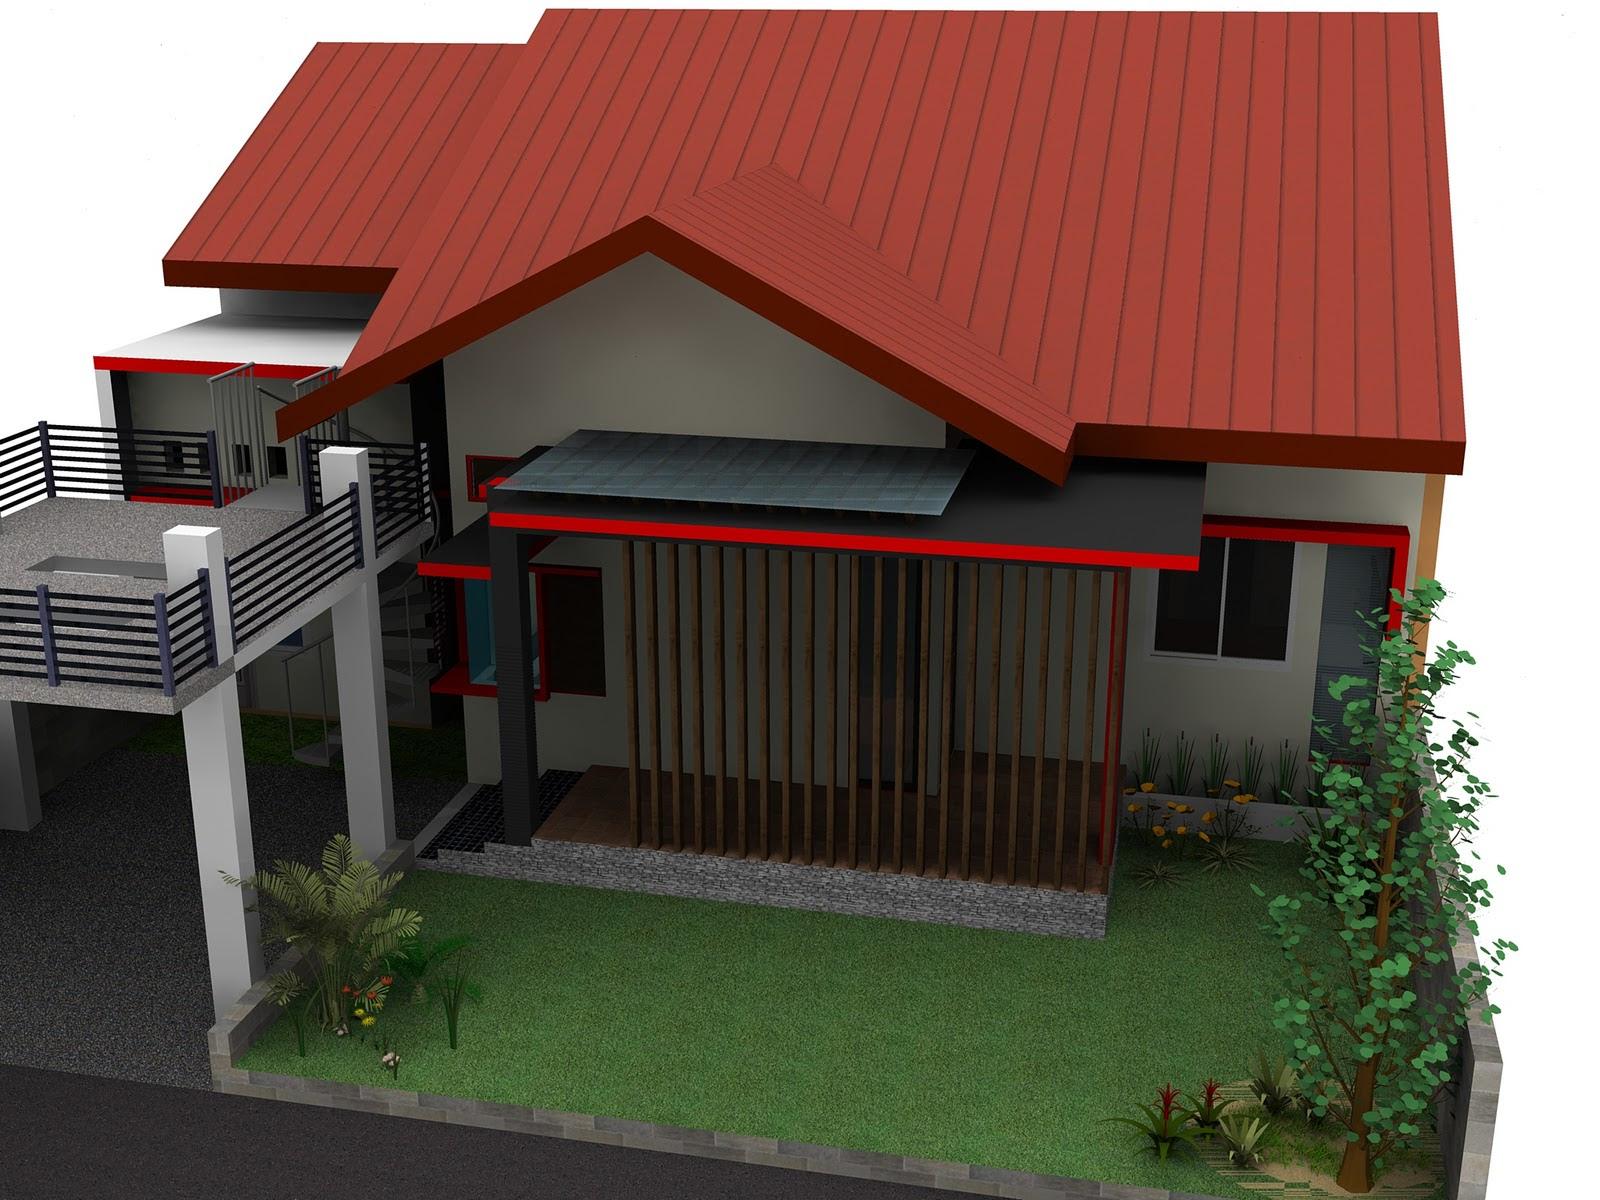 Rumah Minimalis 1 Lantai Atap Miring Desain Rumah Minimalis